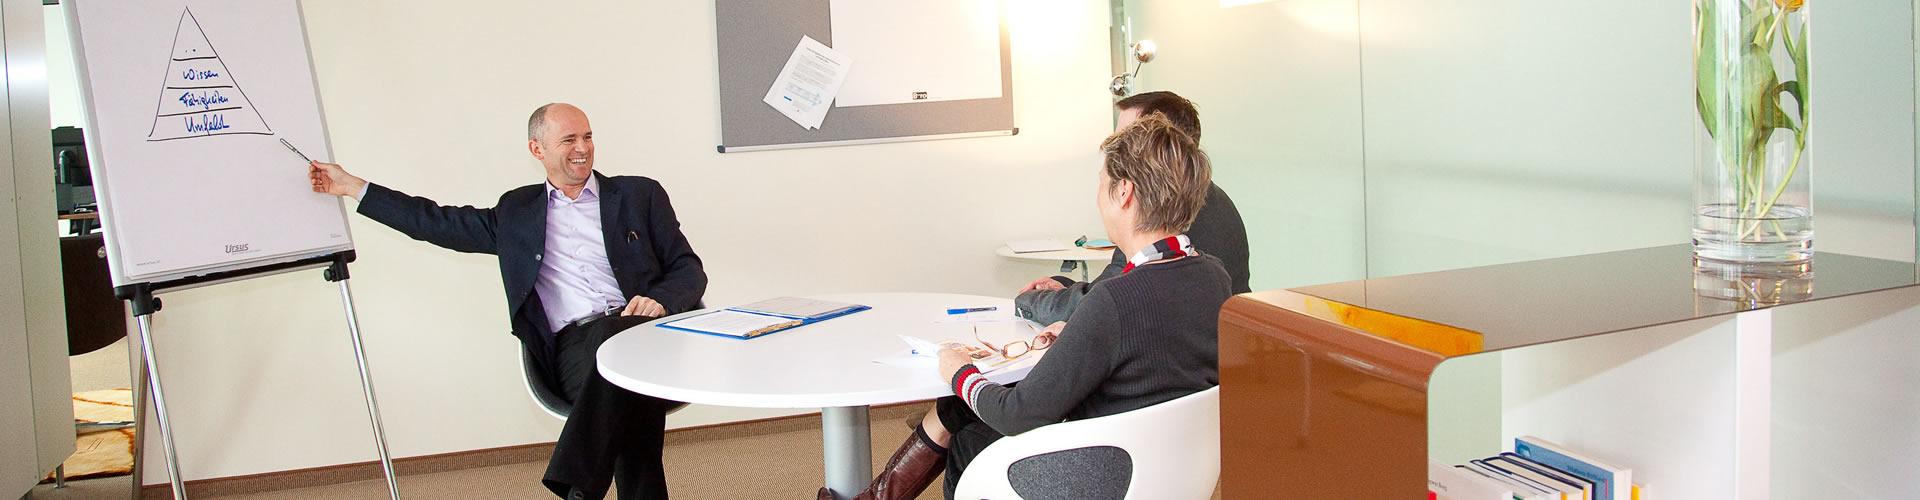 Harald Breitenbaumer in einer Beratung mit Kunden